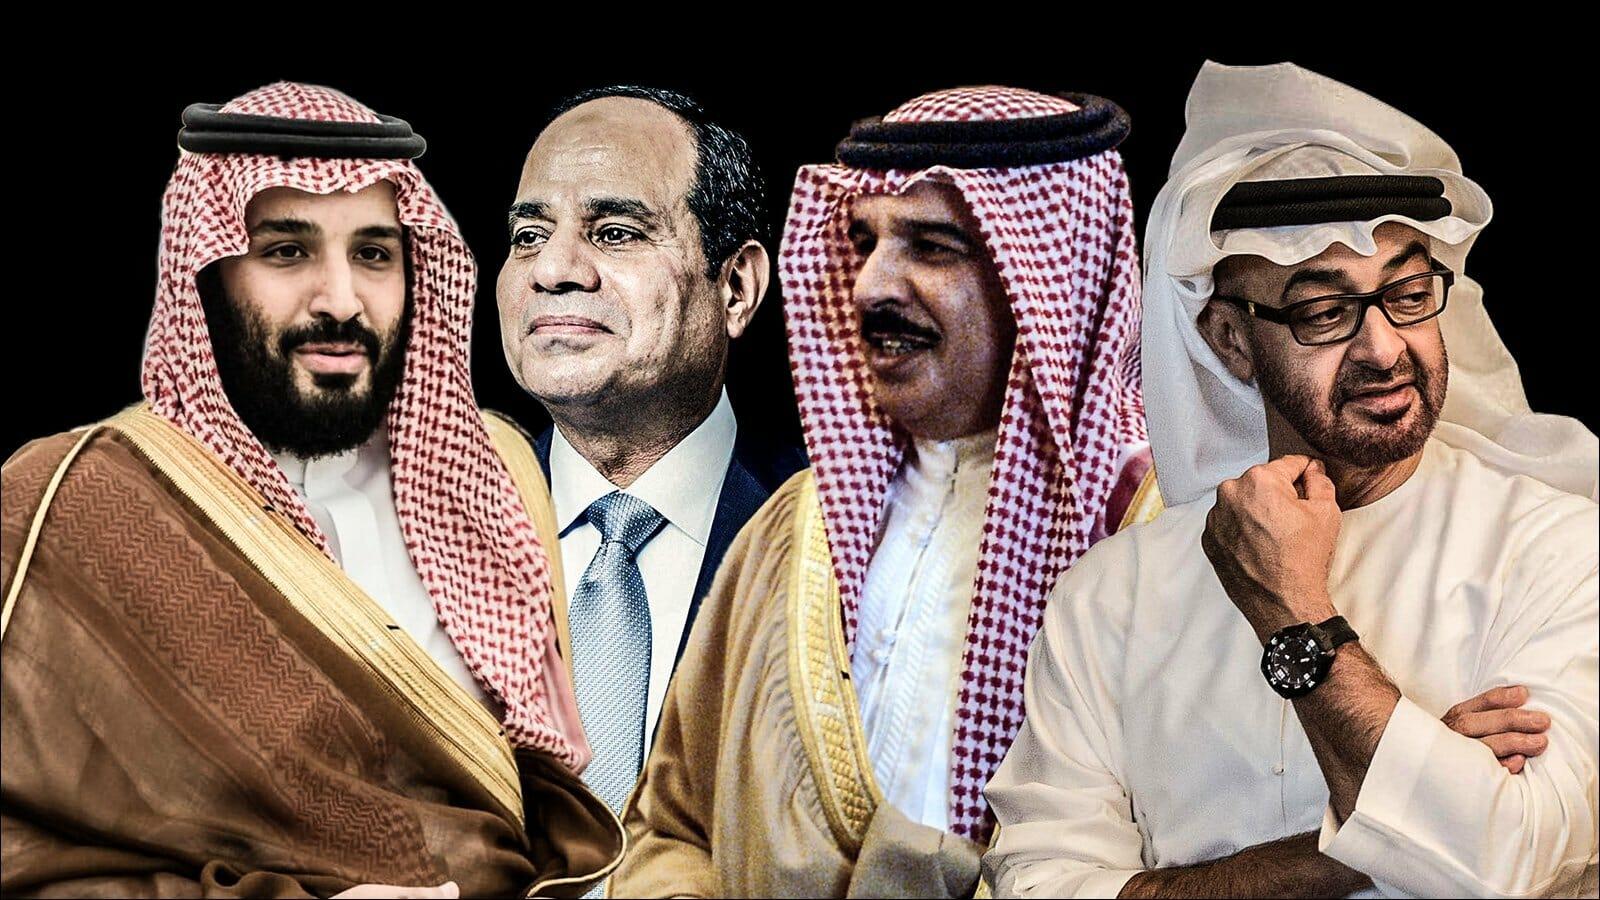 شاهد أين باتت الـ13 شرطاً التي وضعتها دول الحصار على قطر! | وطن يغرد خارج  السرب